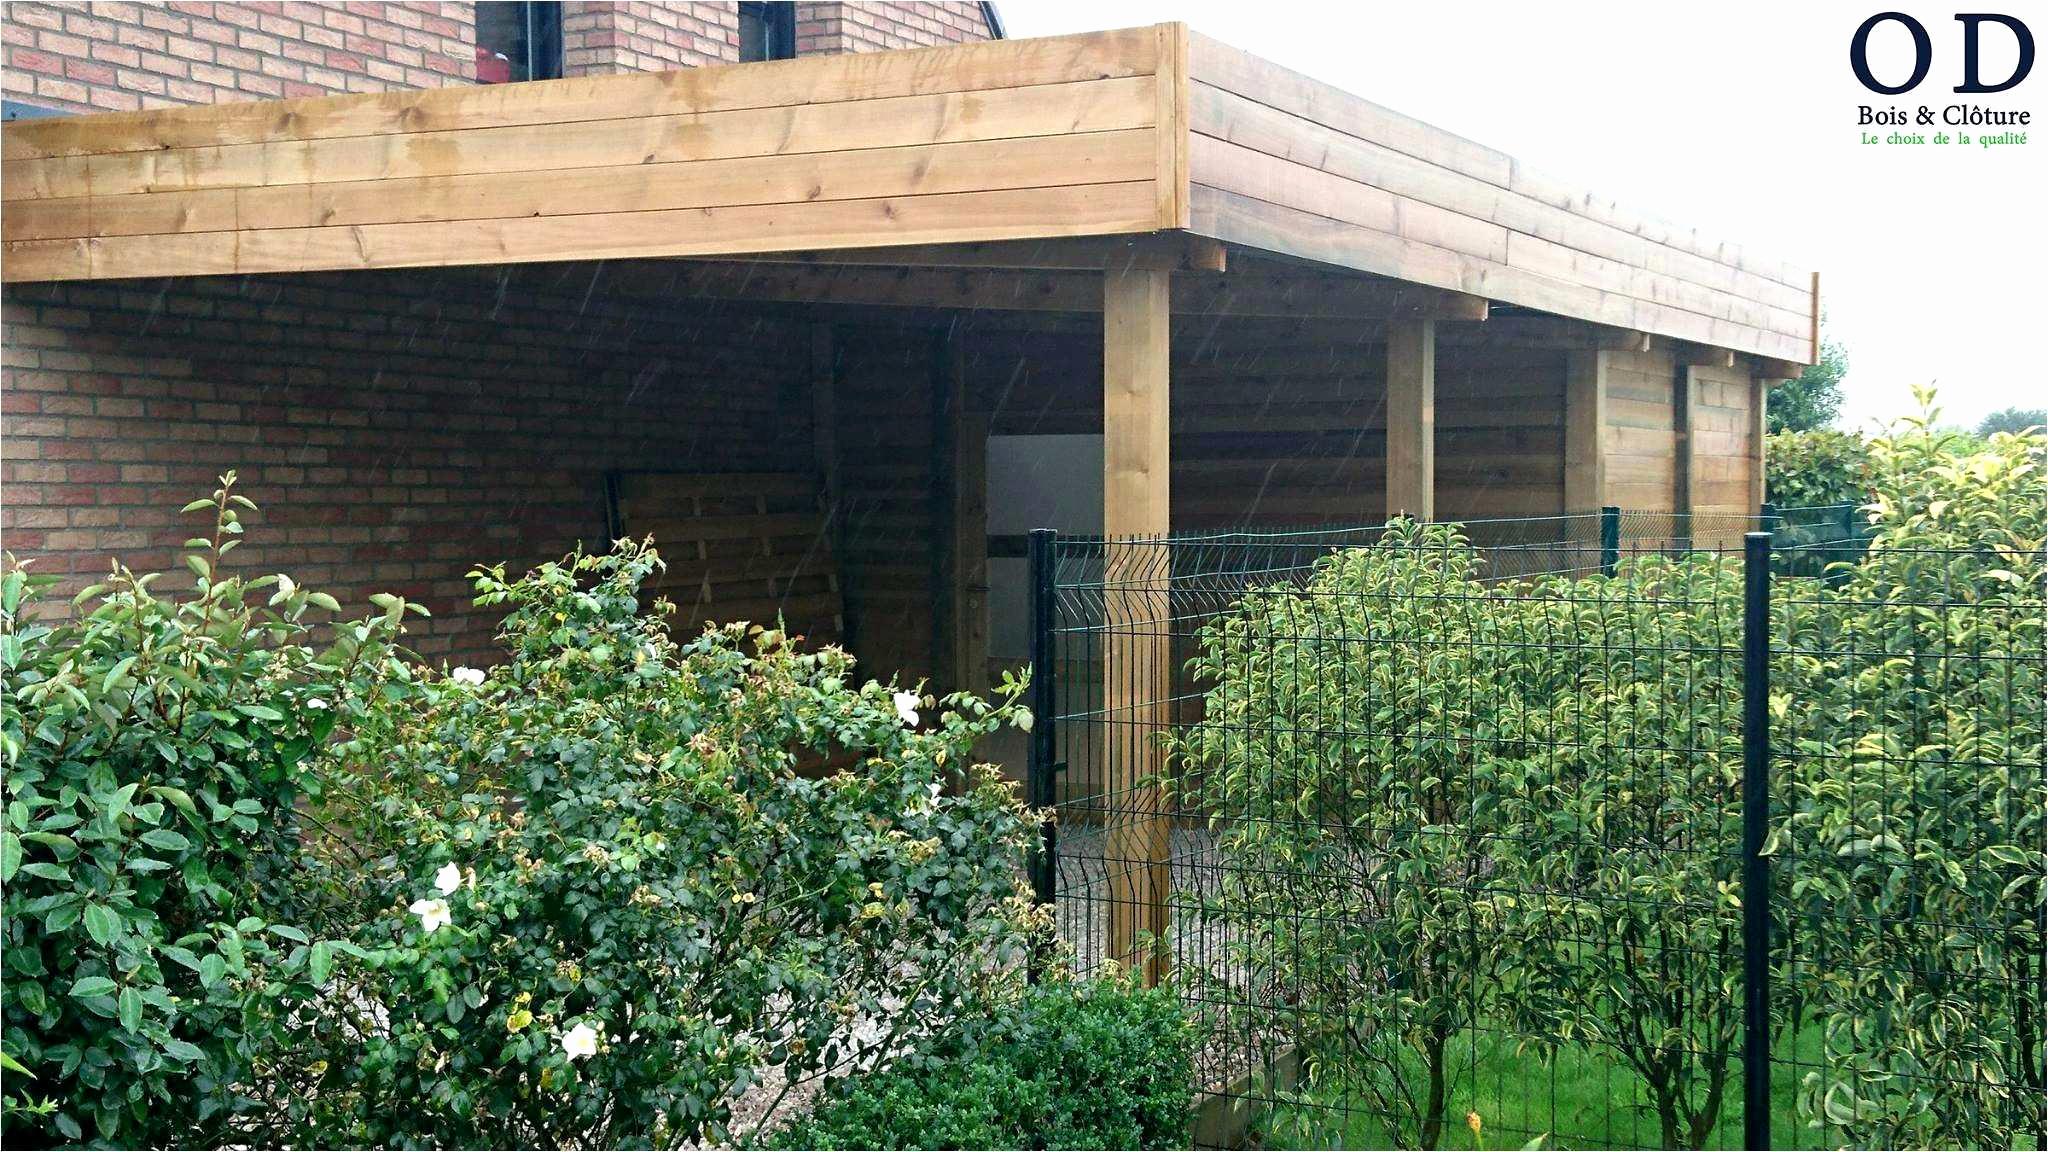 Faire son Salon De Jardin Frais Fabriquer Un Salon De Jardin En Bois Inspiré Luxe Fabriquer